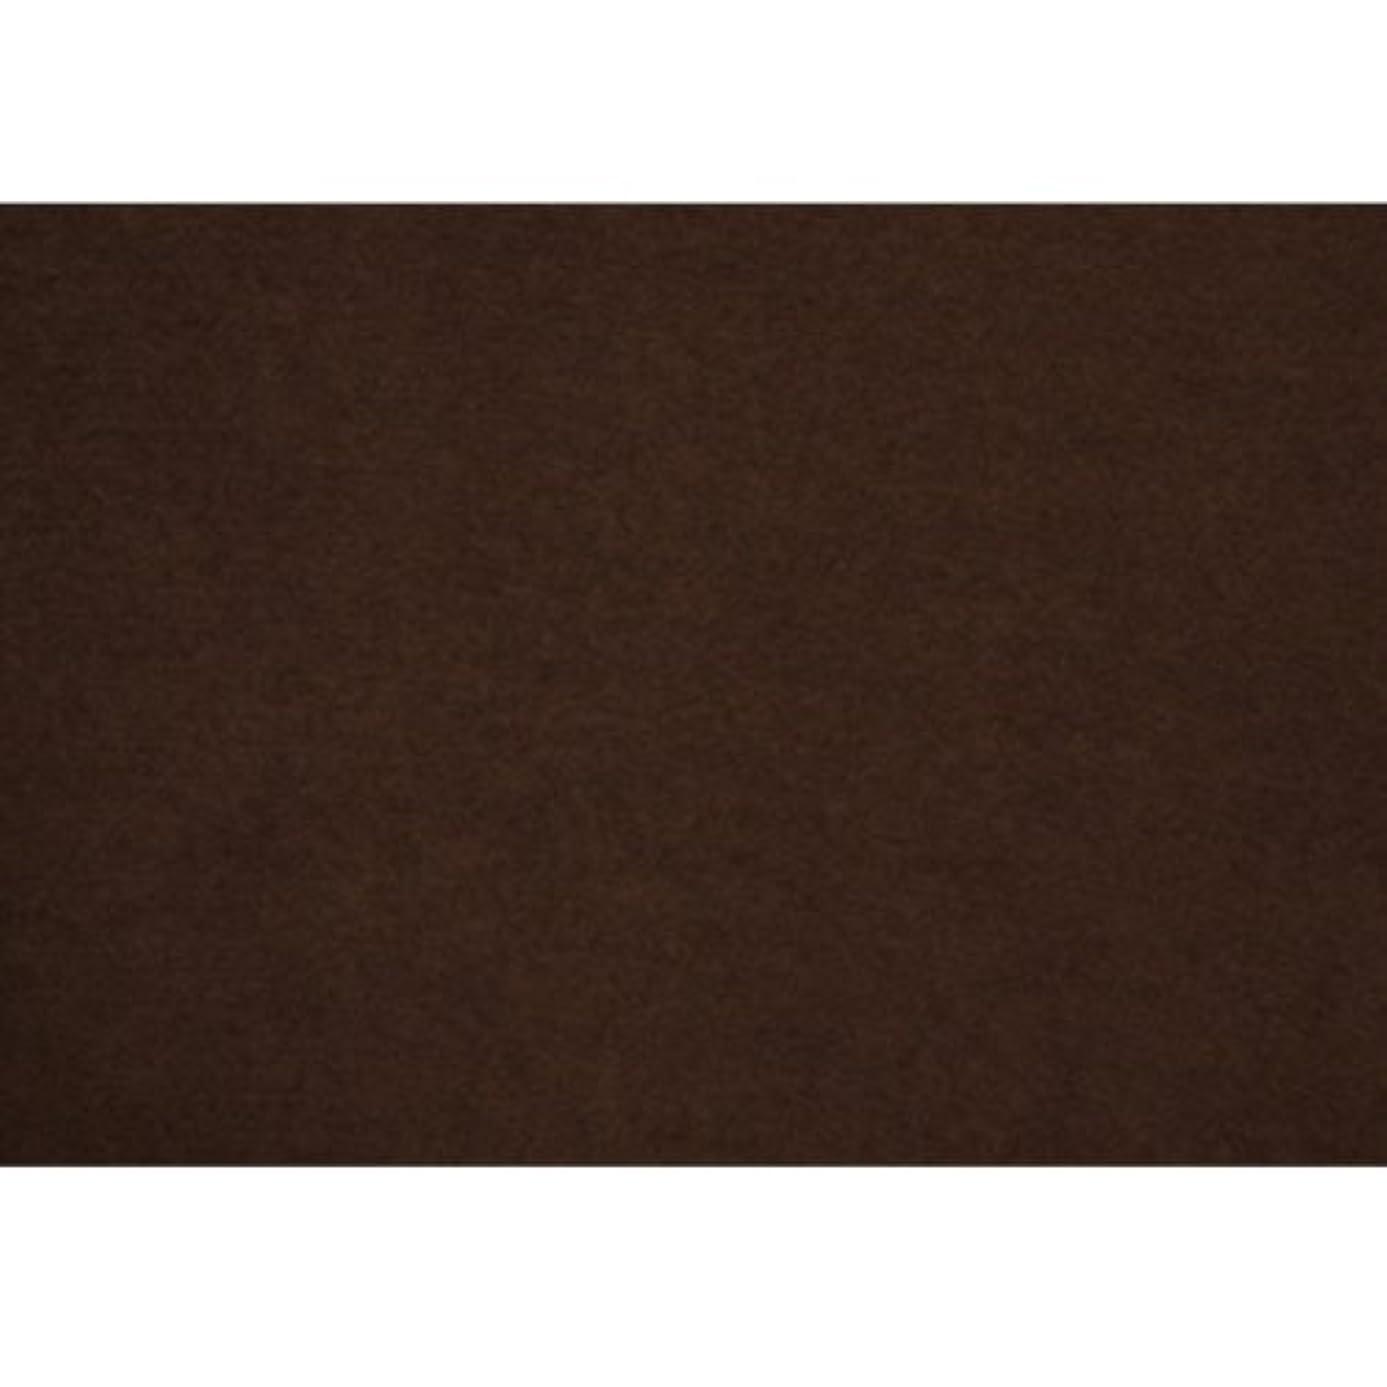 過激派役職ベーシックアイリスオーヤマ ソファカバー フルカバー ジャガード 幅131~159×奥行50~60×高さ70~80cm ブラウン JSFC-2W